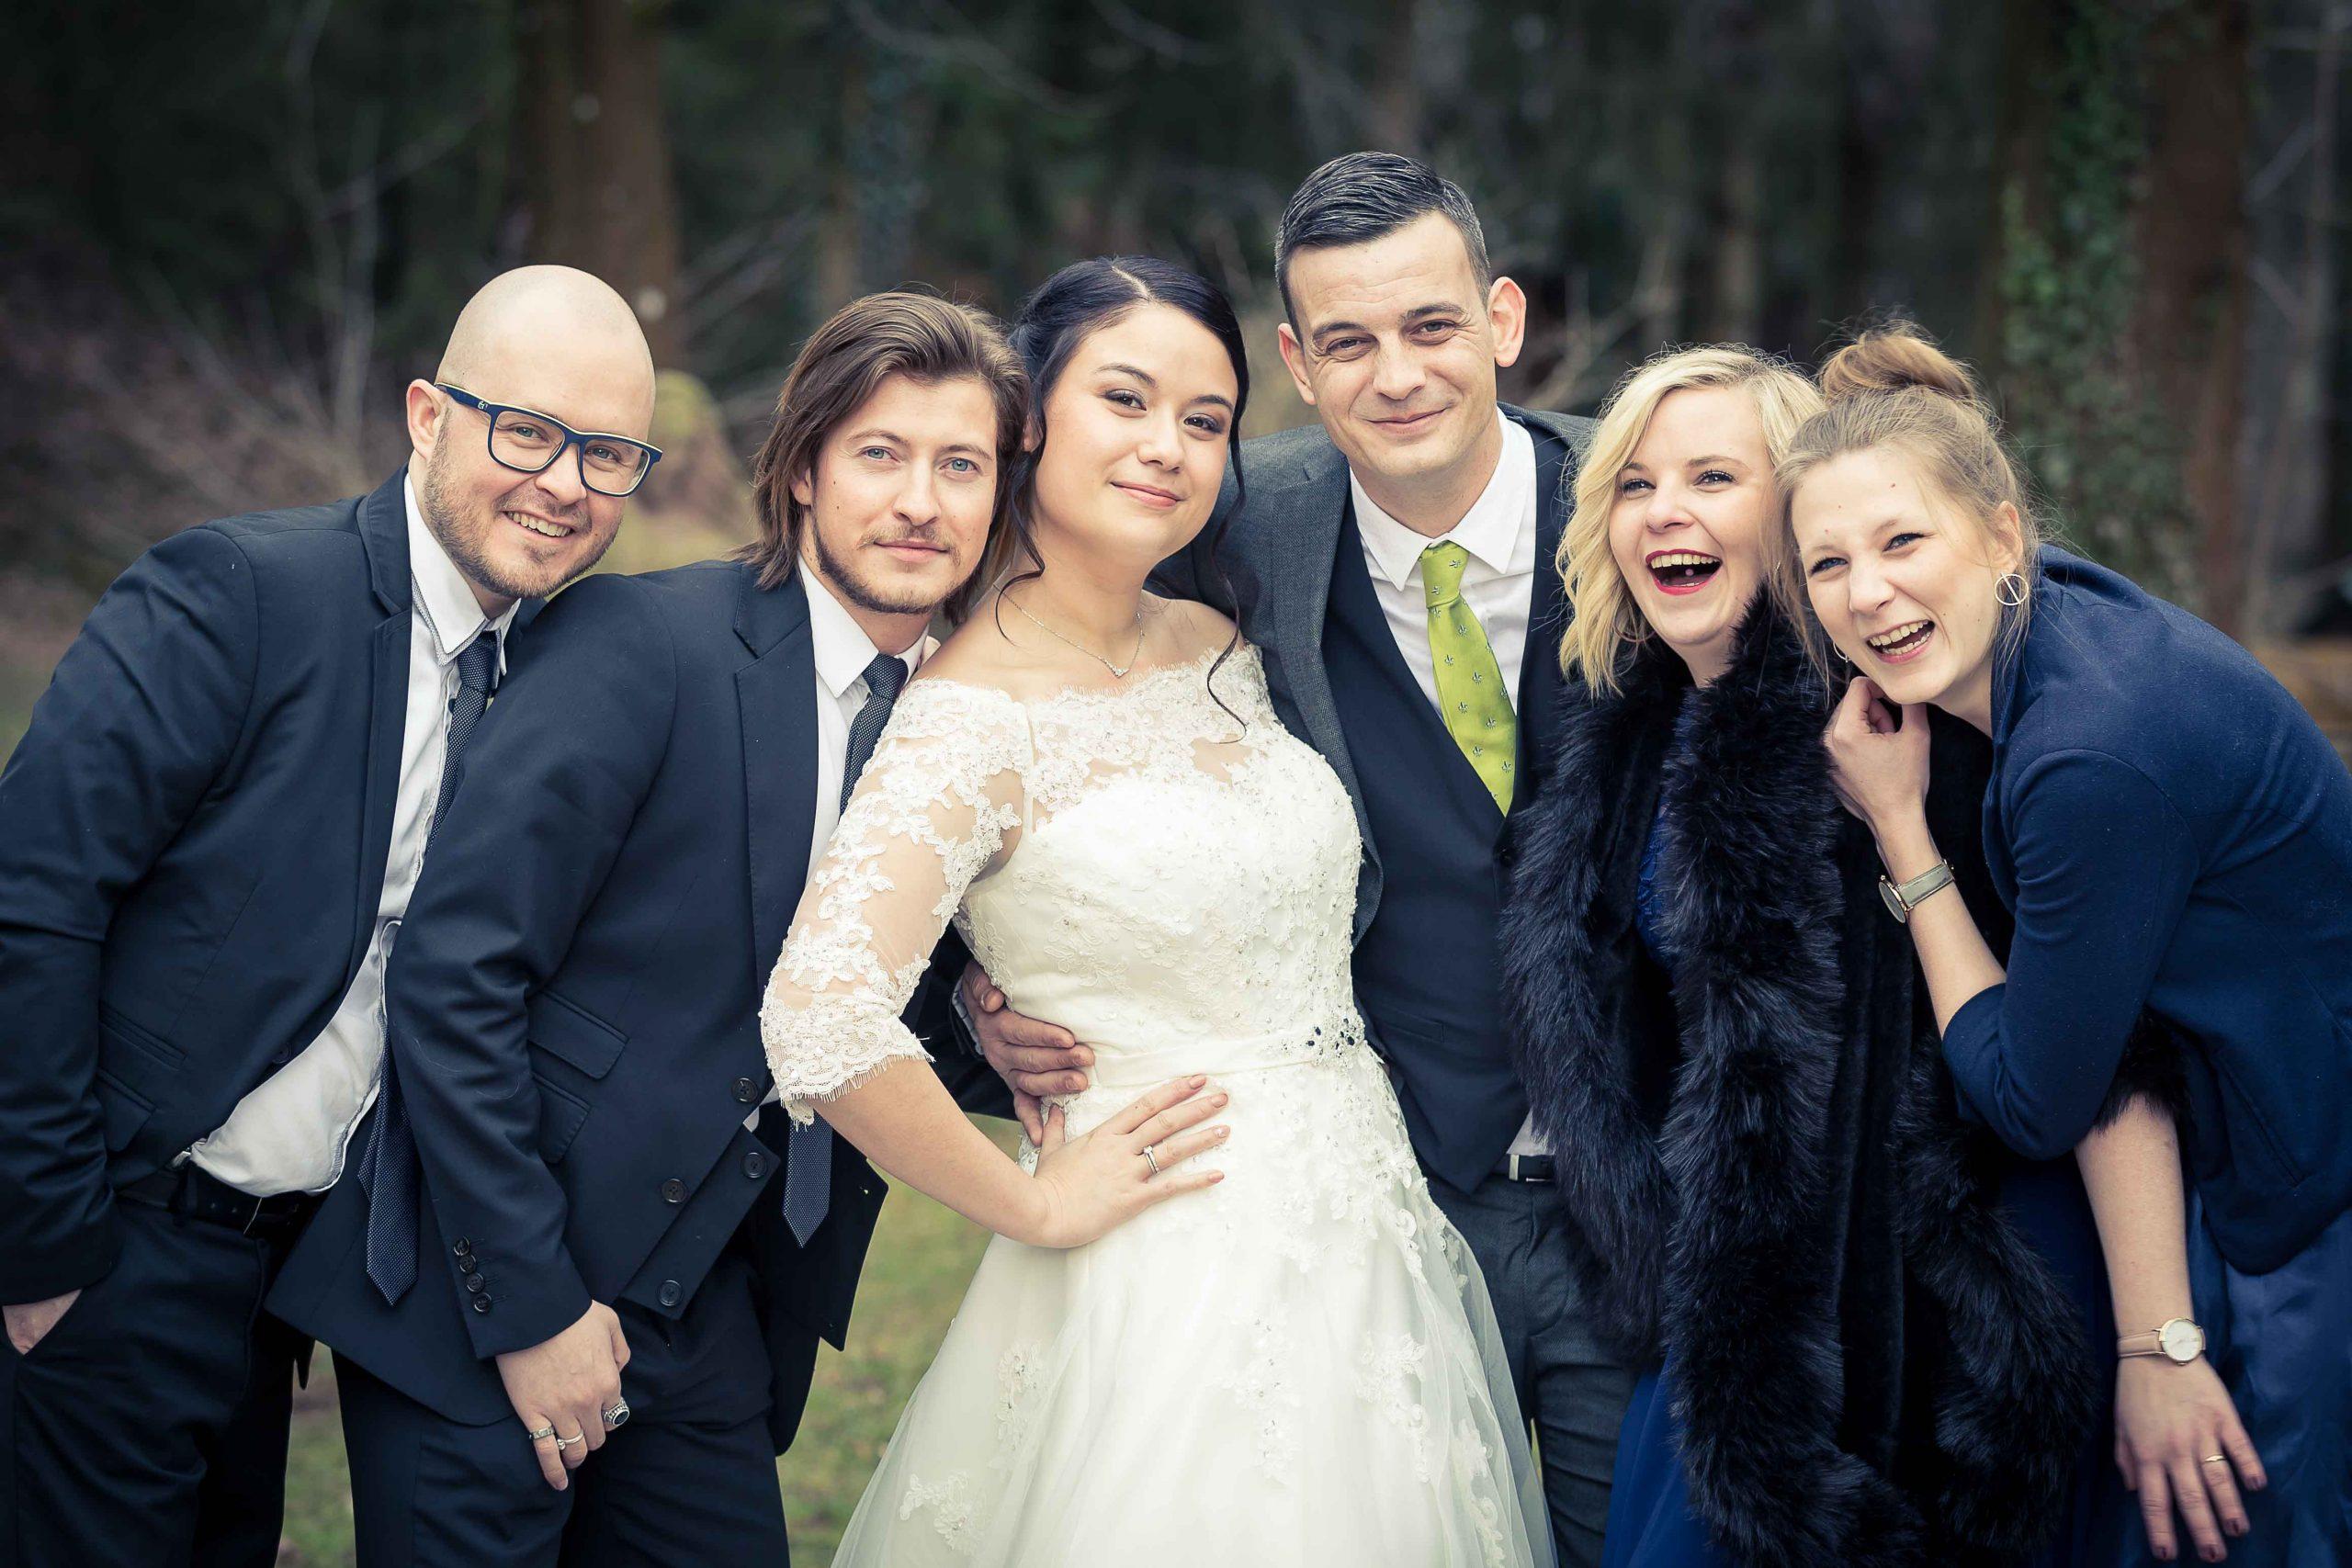 séance photo volée lors d'un mariage à la frontire suisse au restaurant Jenny